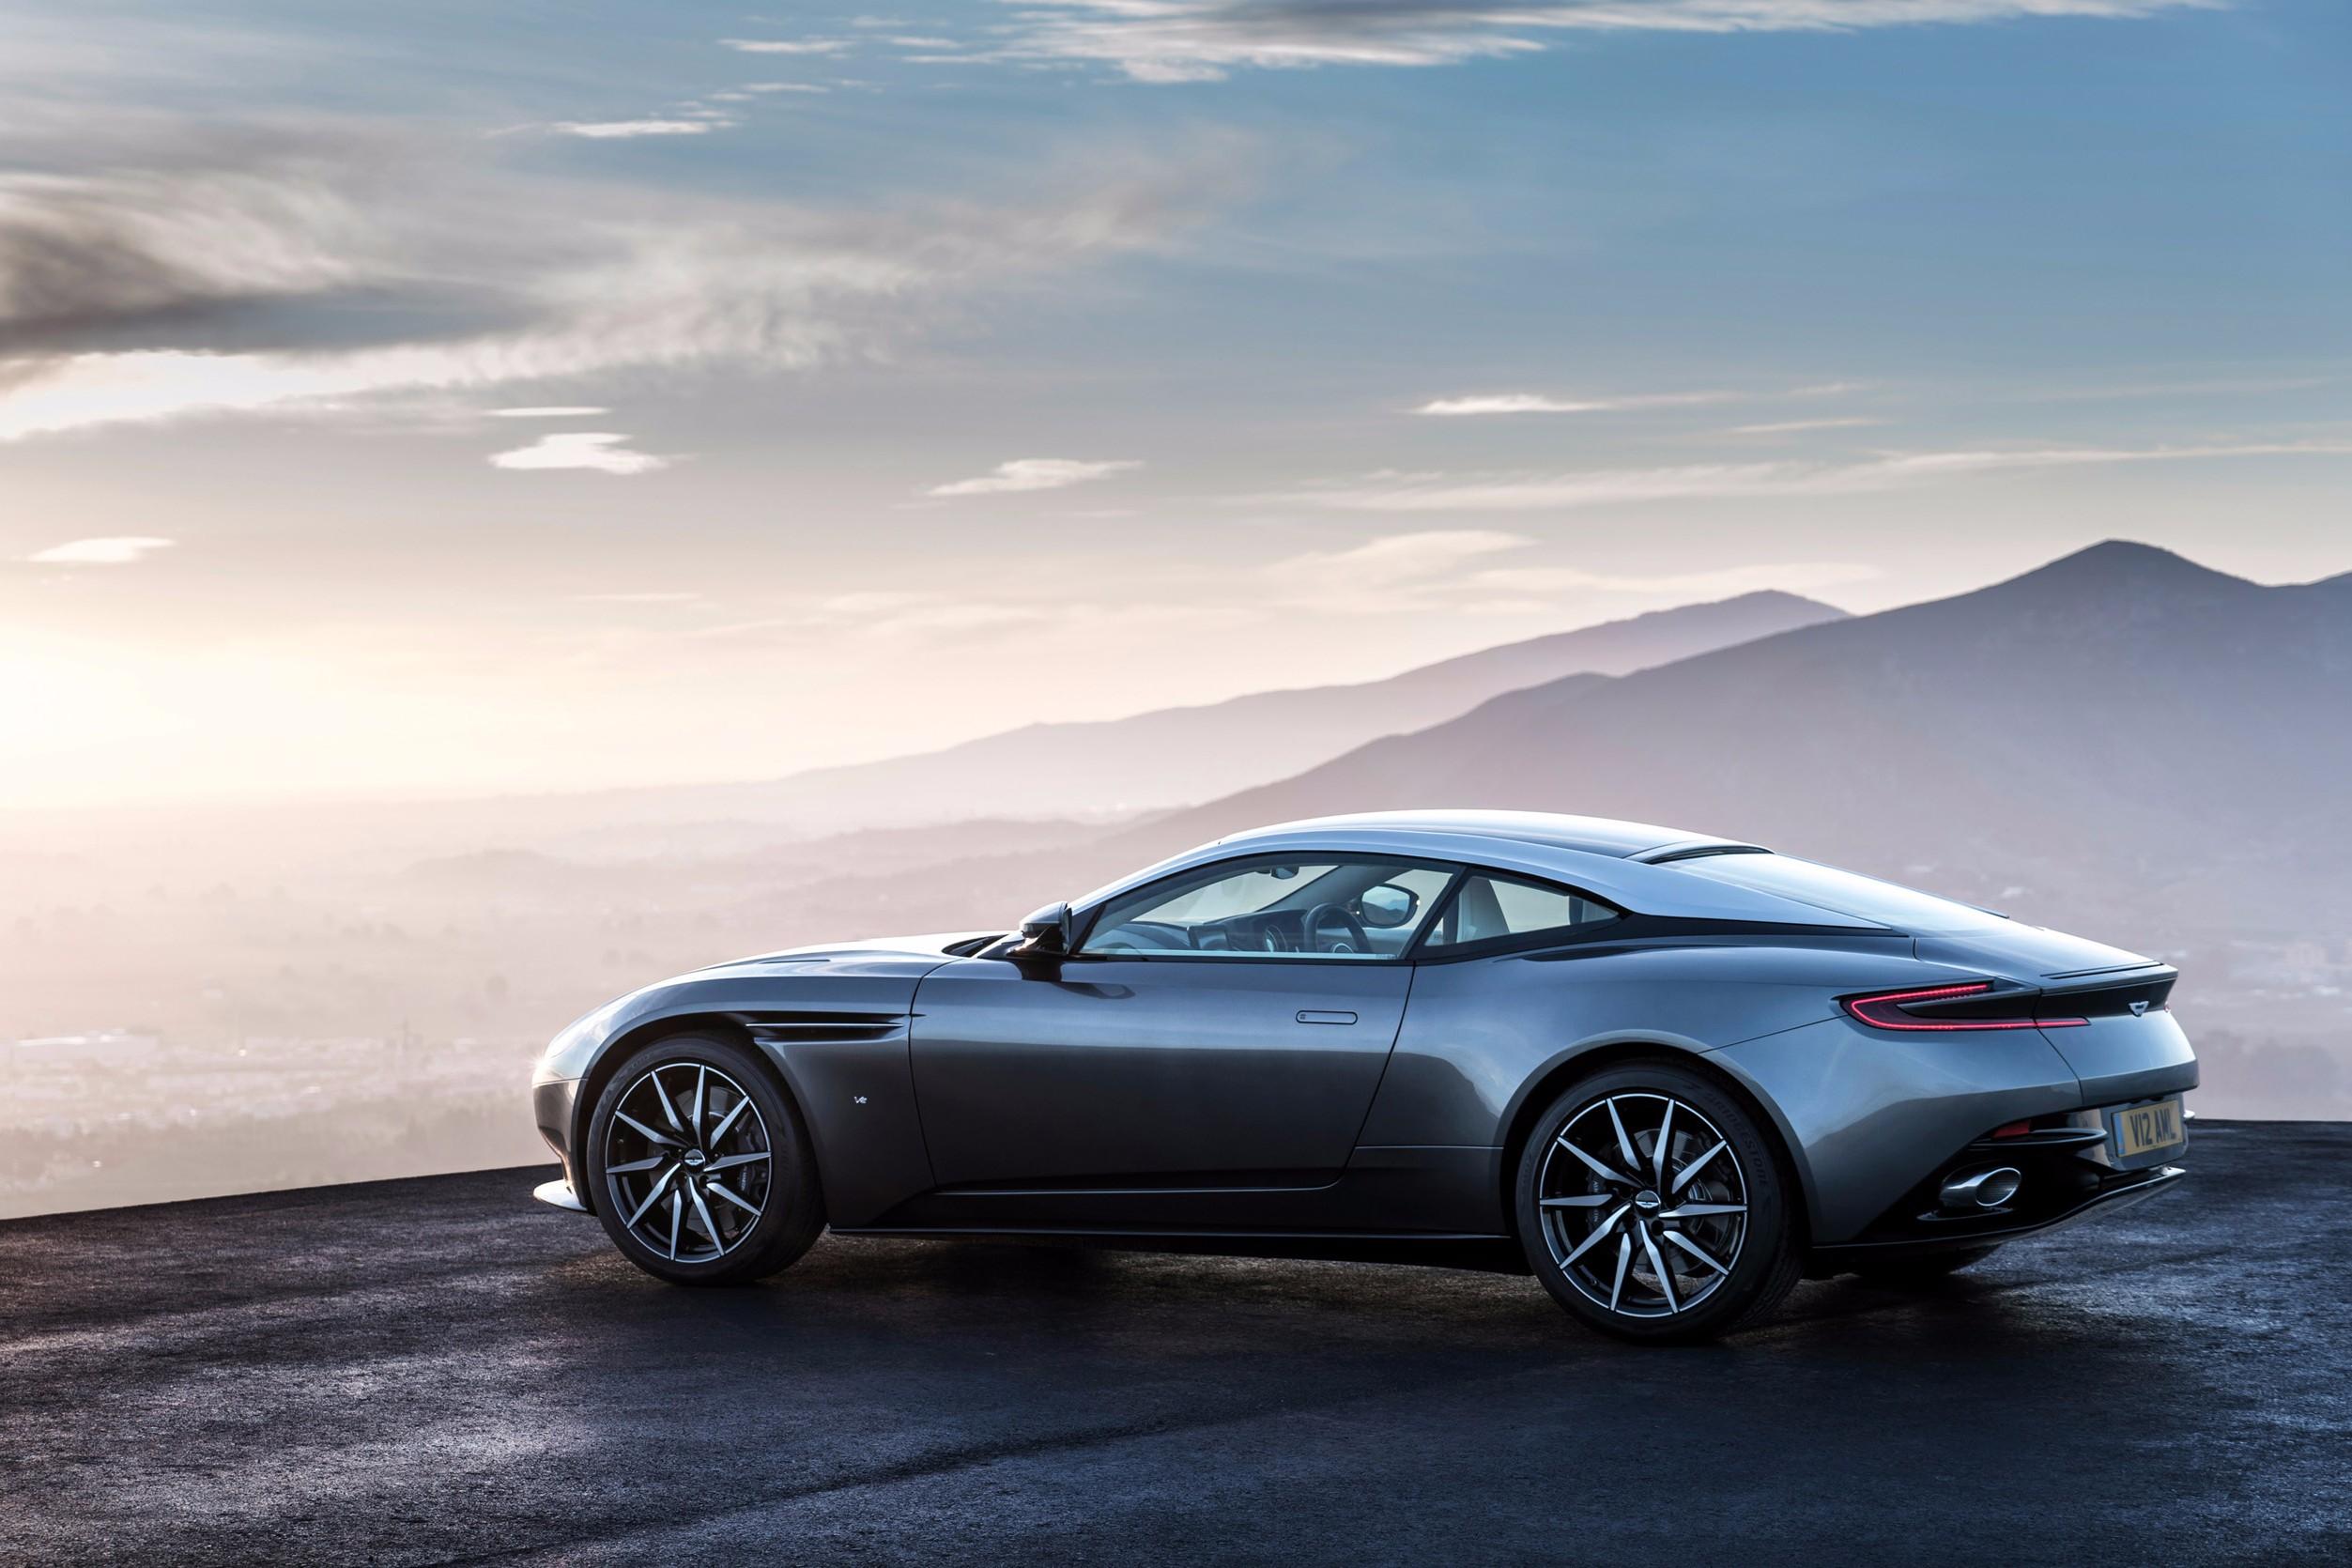 Test Drive Aston Martin Db11 Prestige Online Thailand